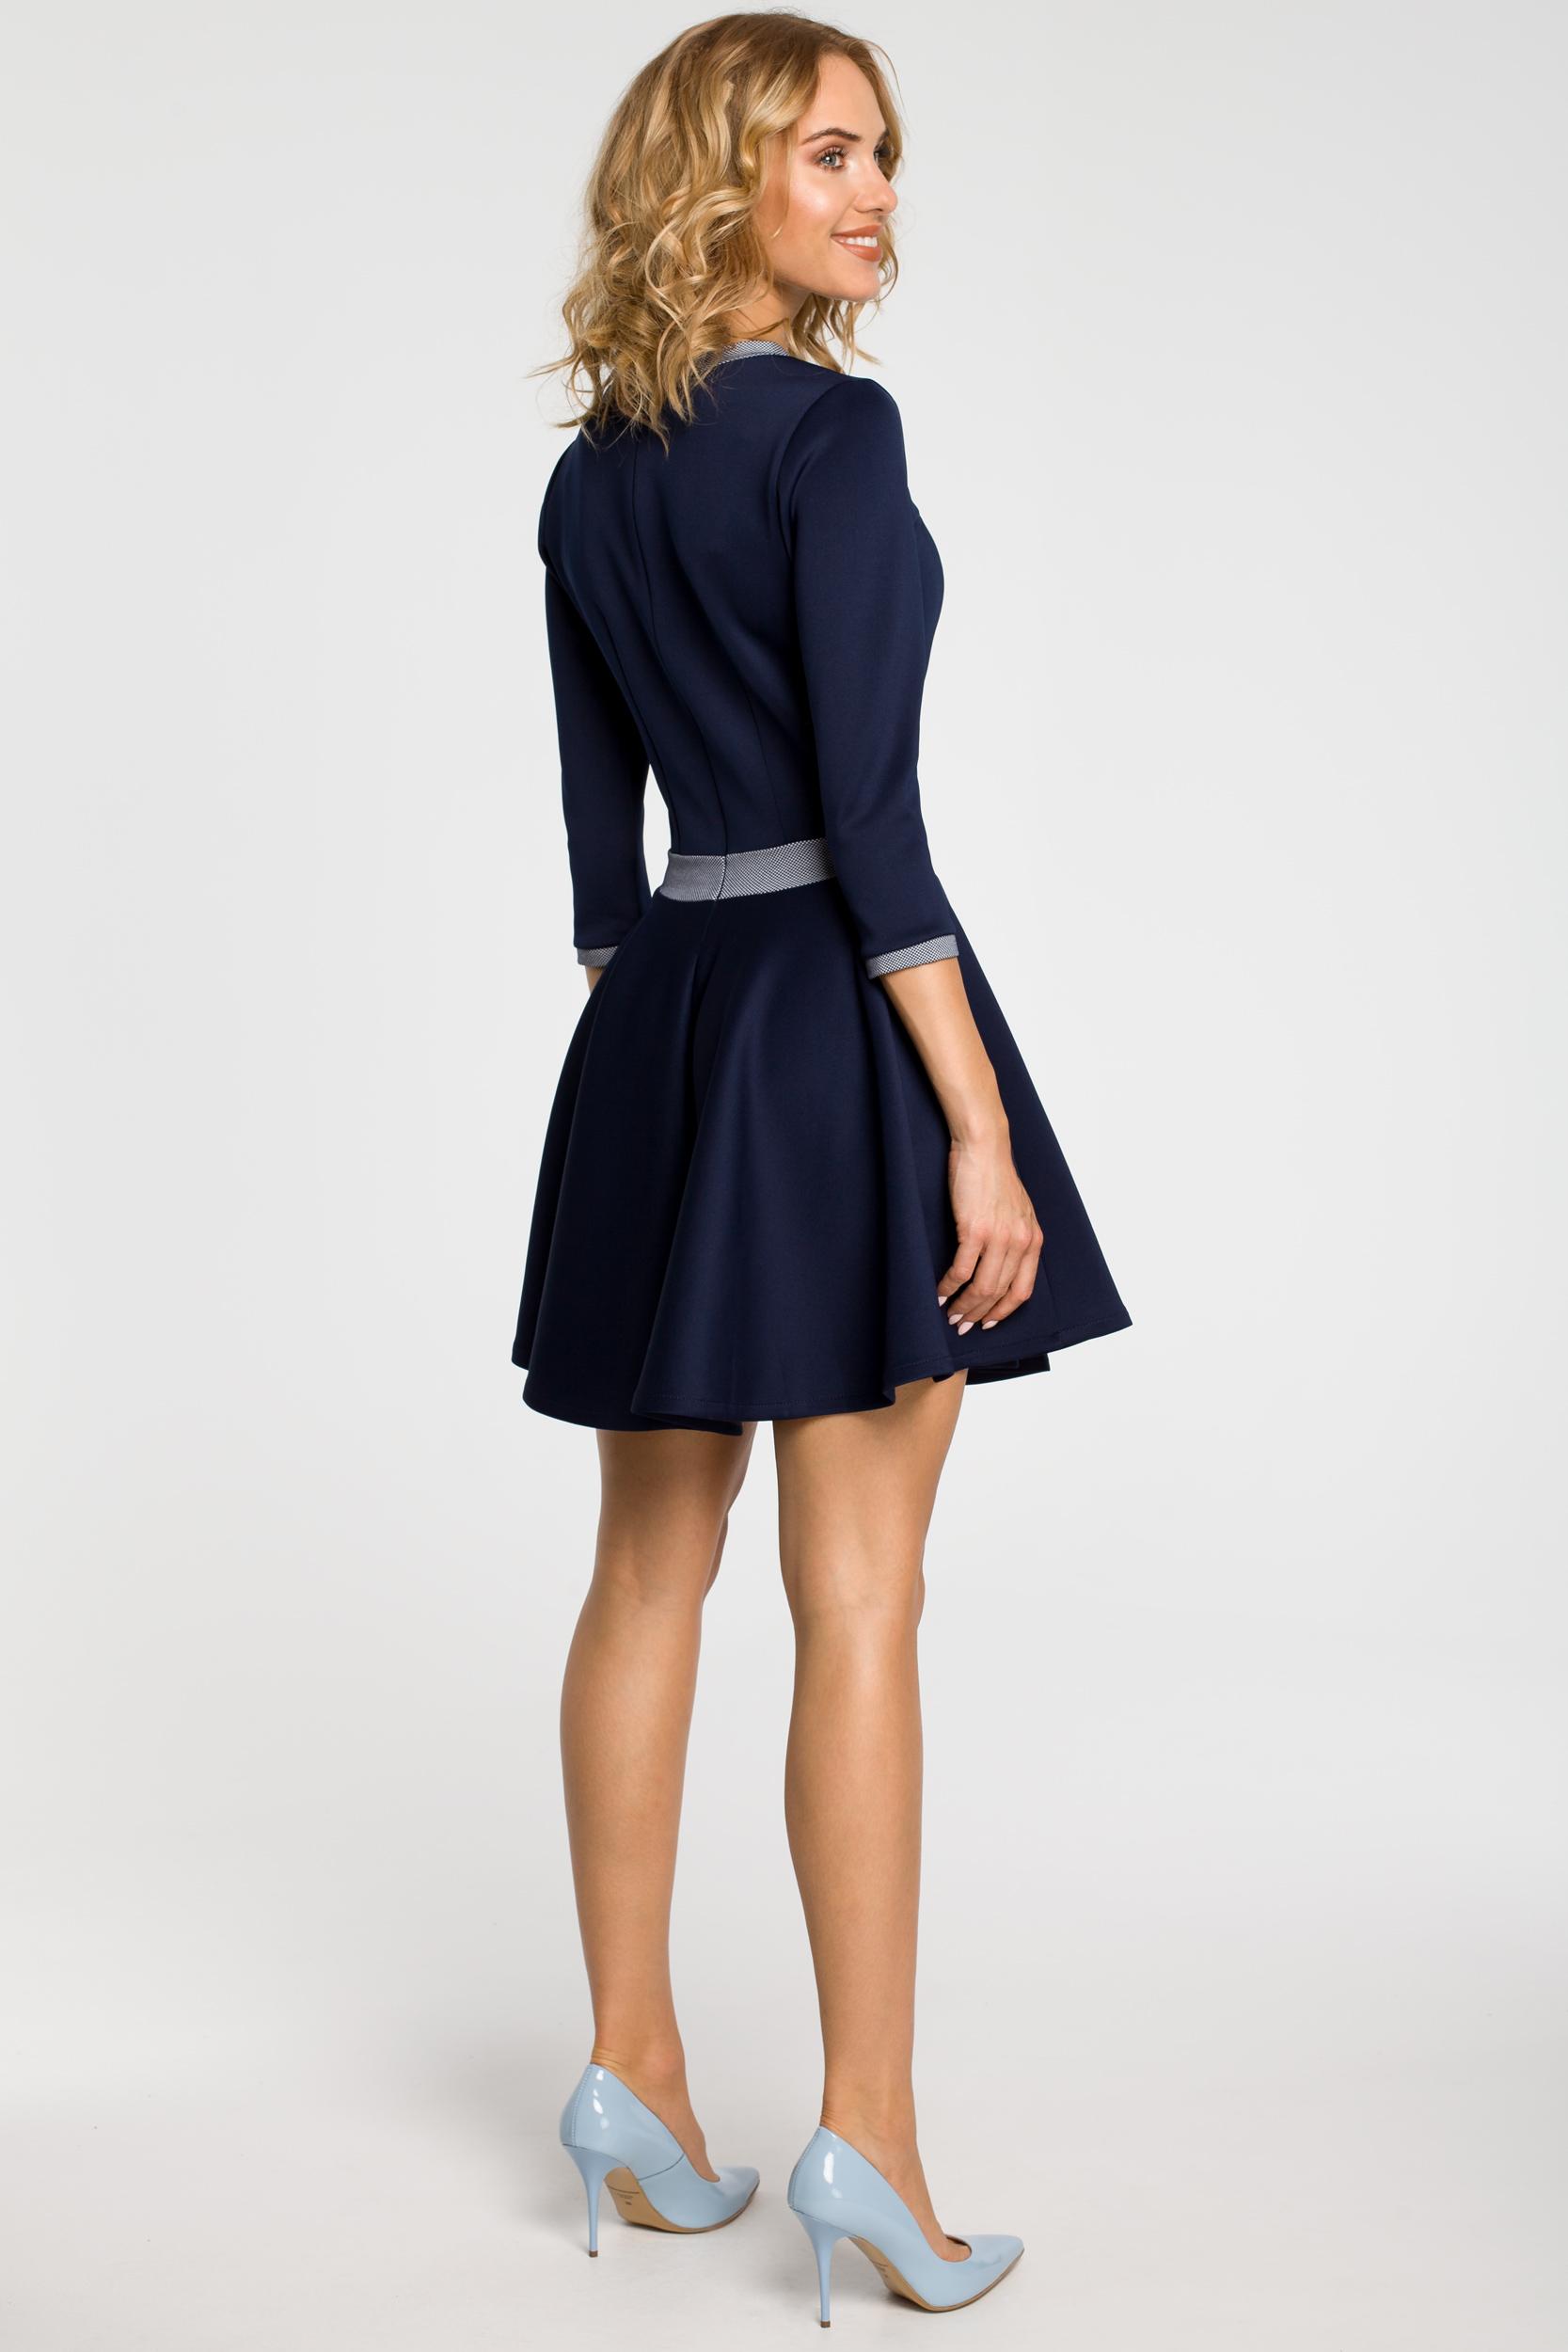 CM0355 Elegancka sukienka rozkloszowana z koła - granatowa